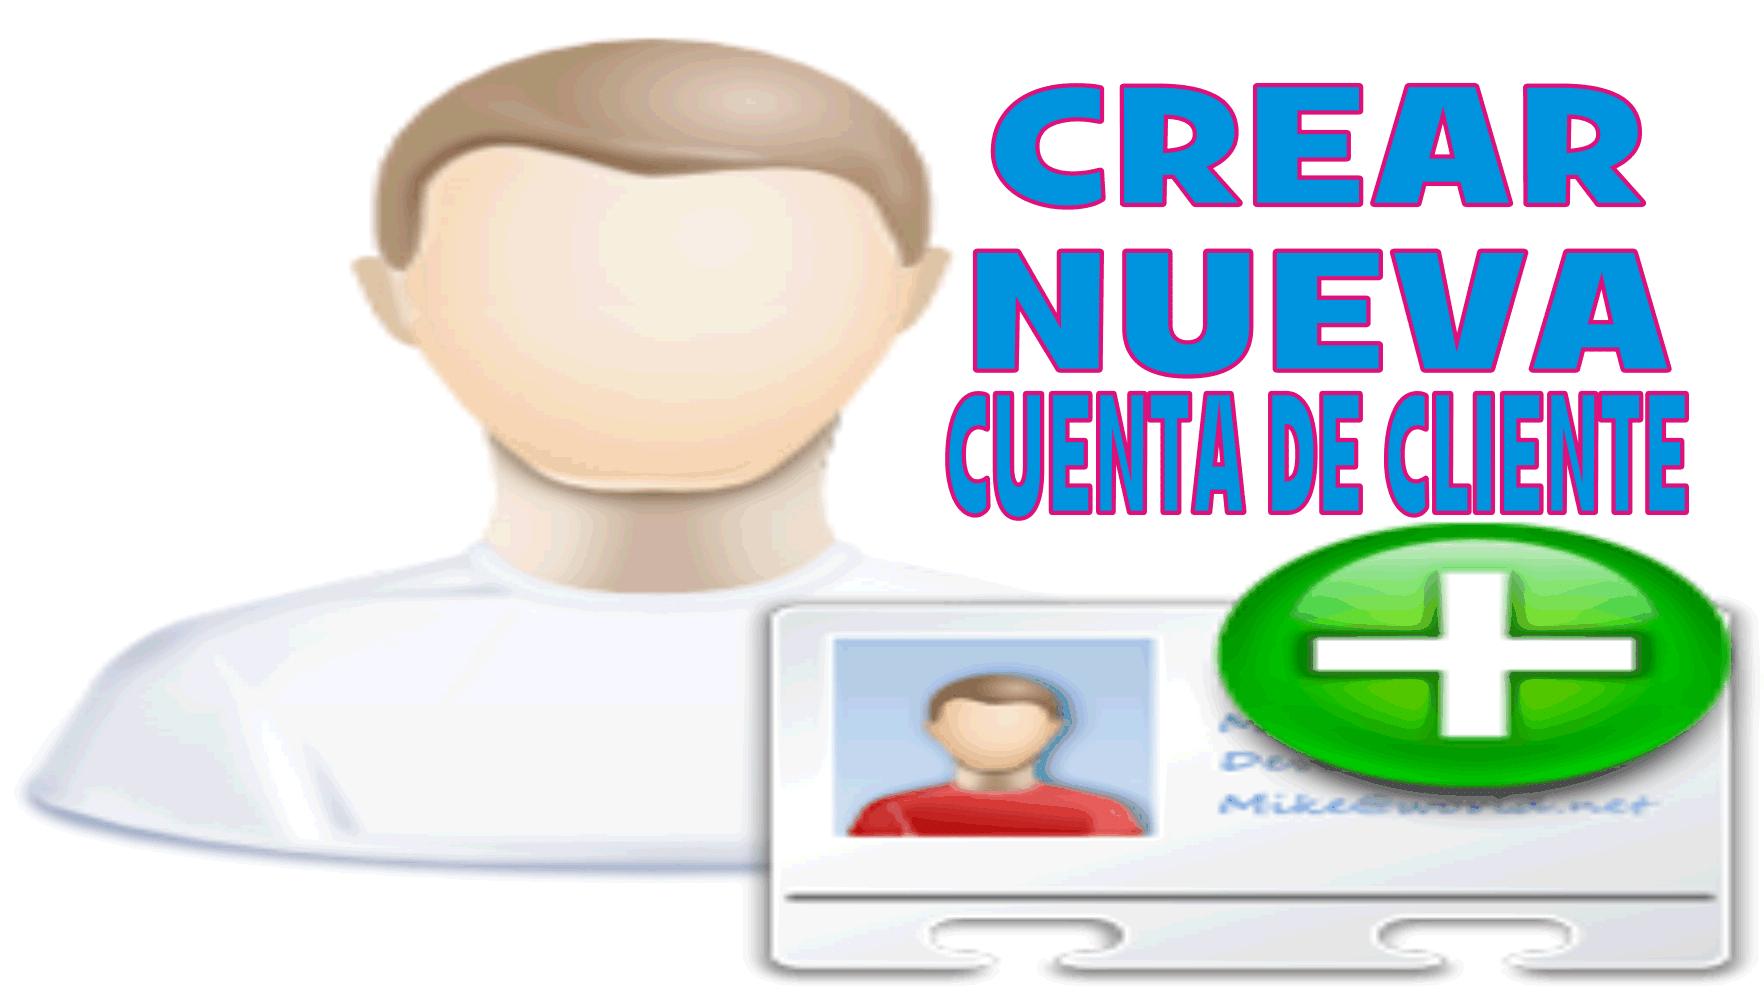 CREAR UNA NUEVA CUENTA DE CLIENTE